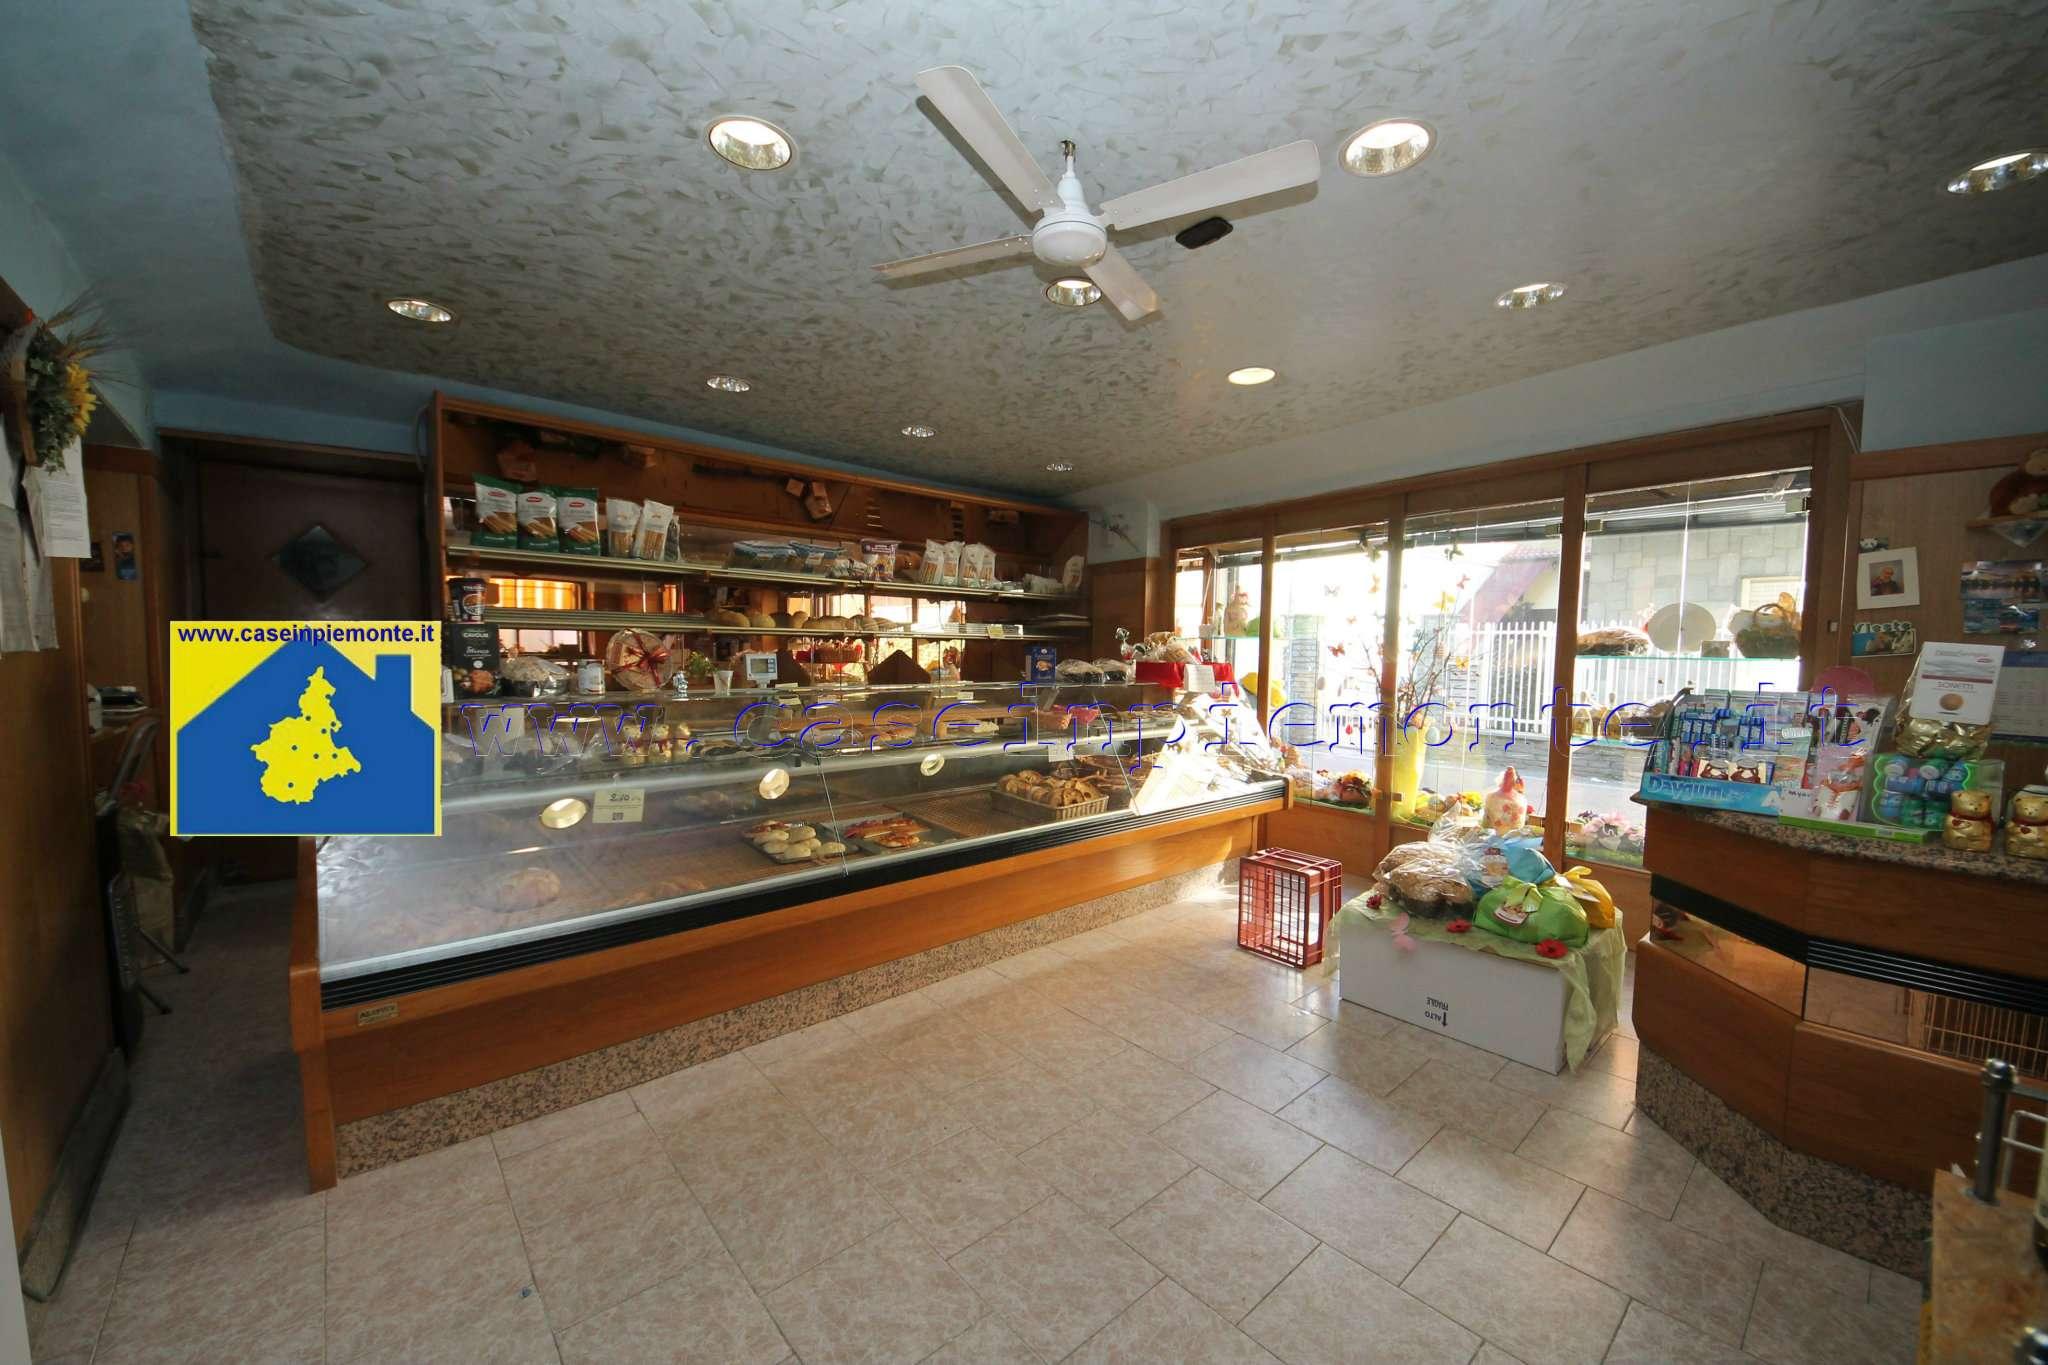 Negozio / Locale in vendita a Alpignano, 1 locali, prezzo € 89.000 | PortaleAgenzieImmobiliari.it